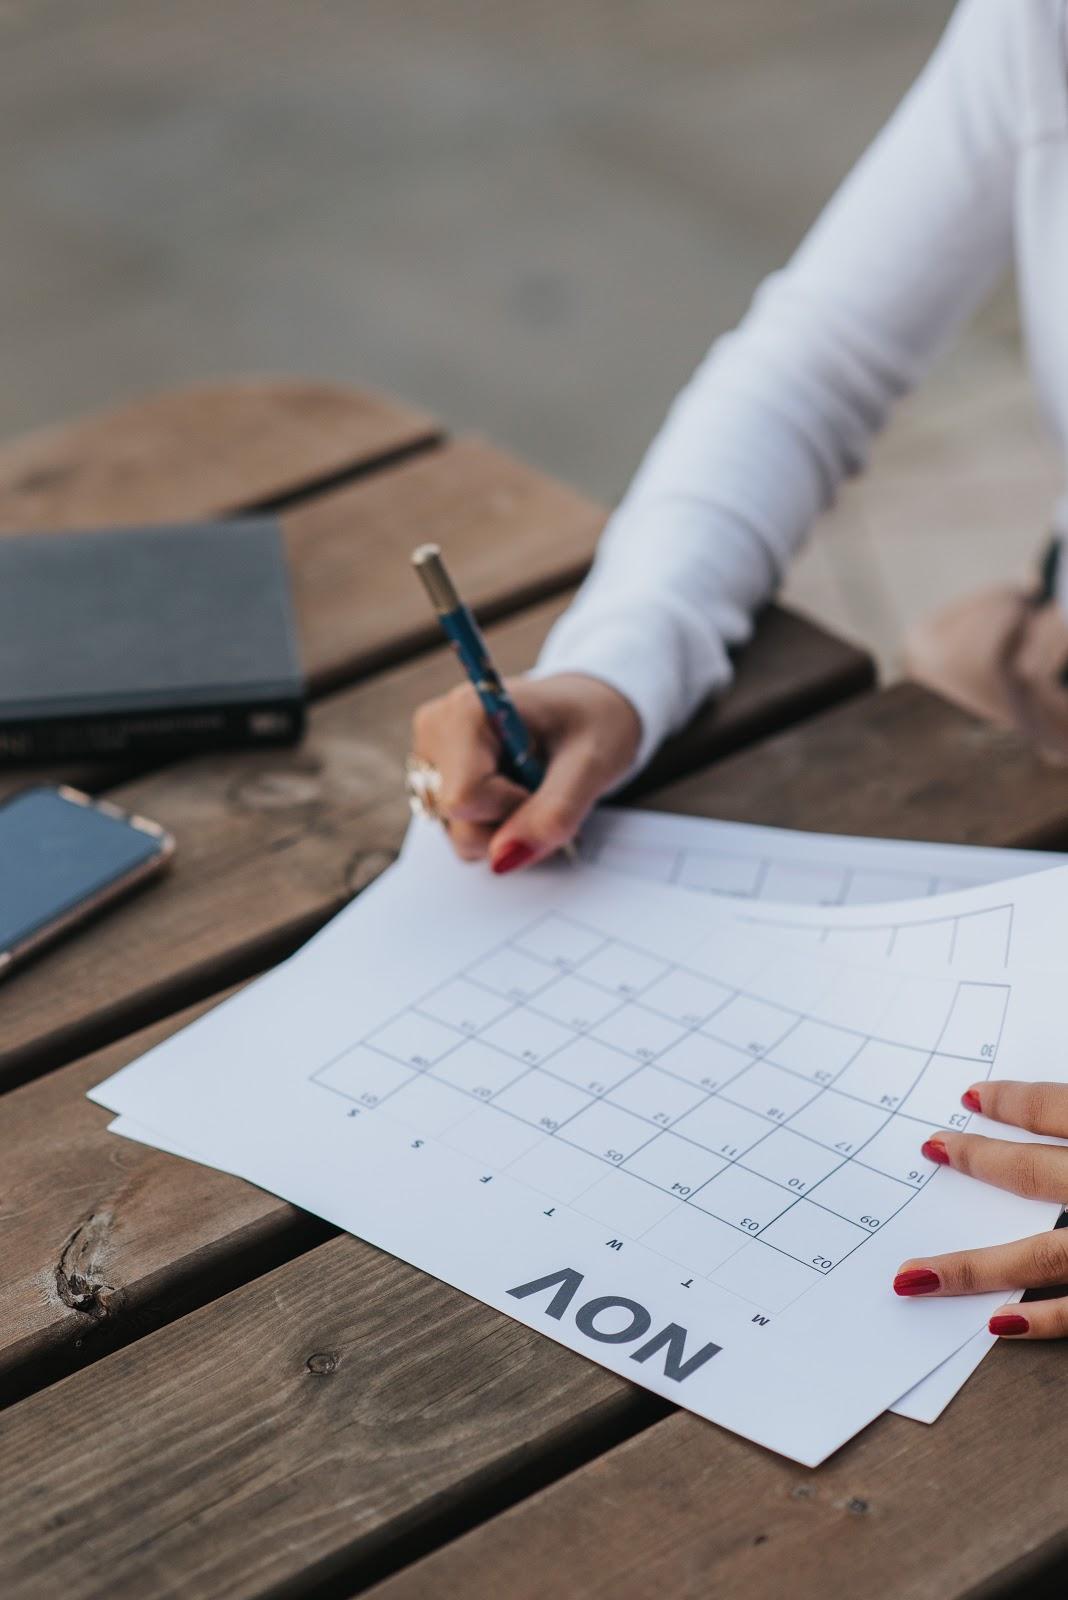 Com tanto conteúdo o planejamento é fundamental! (Fonte: Pexels)